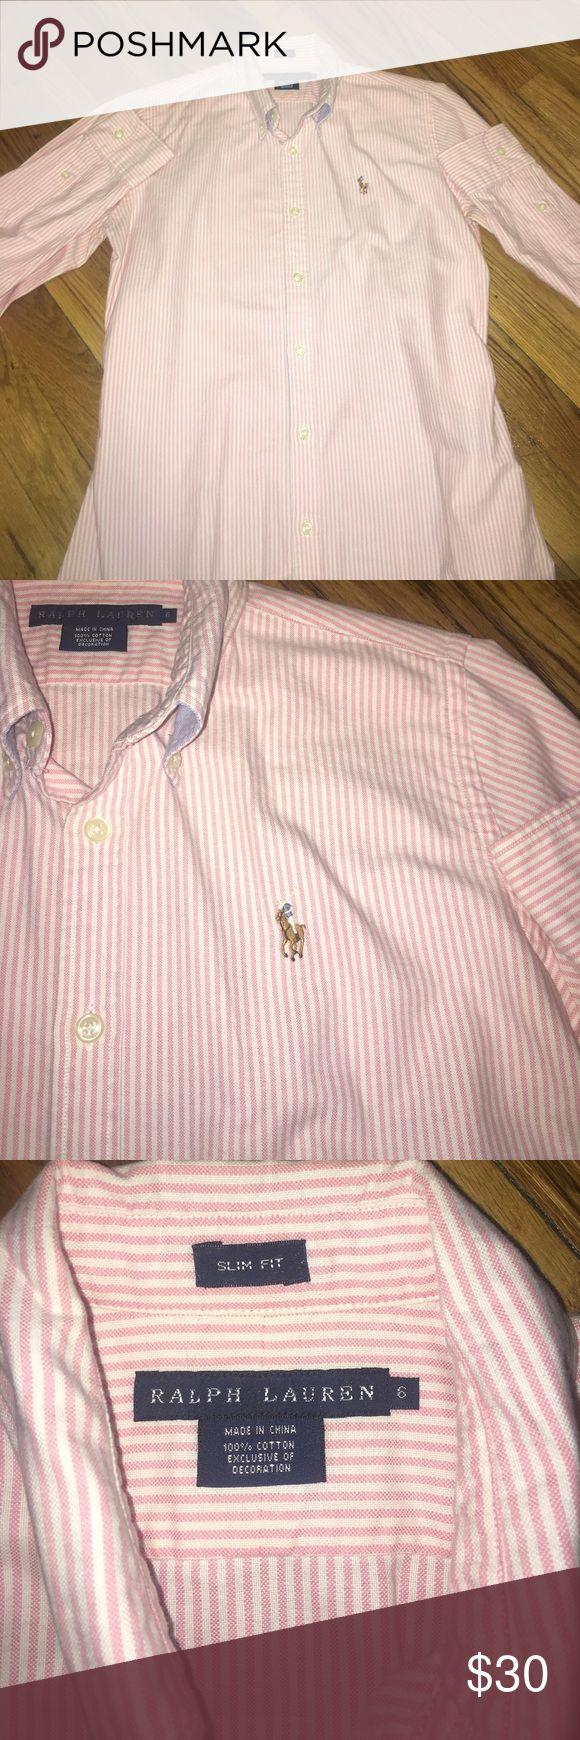 Ralph Lauren Slim Fit Oxford Ralph Lauren Women's Pink Striped Button Down Slim Oxford in size 6 Ralph Lauren Tops Button Down Shirts